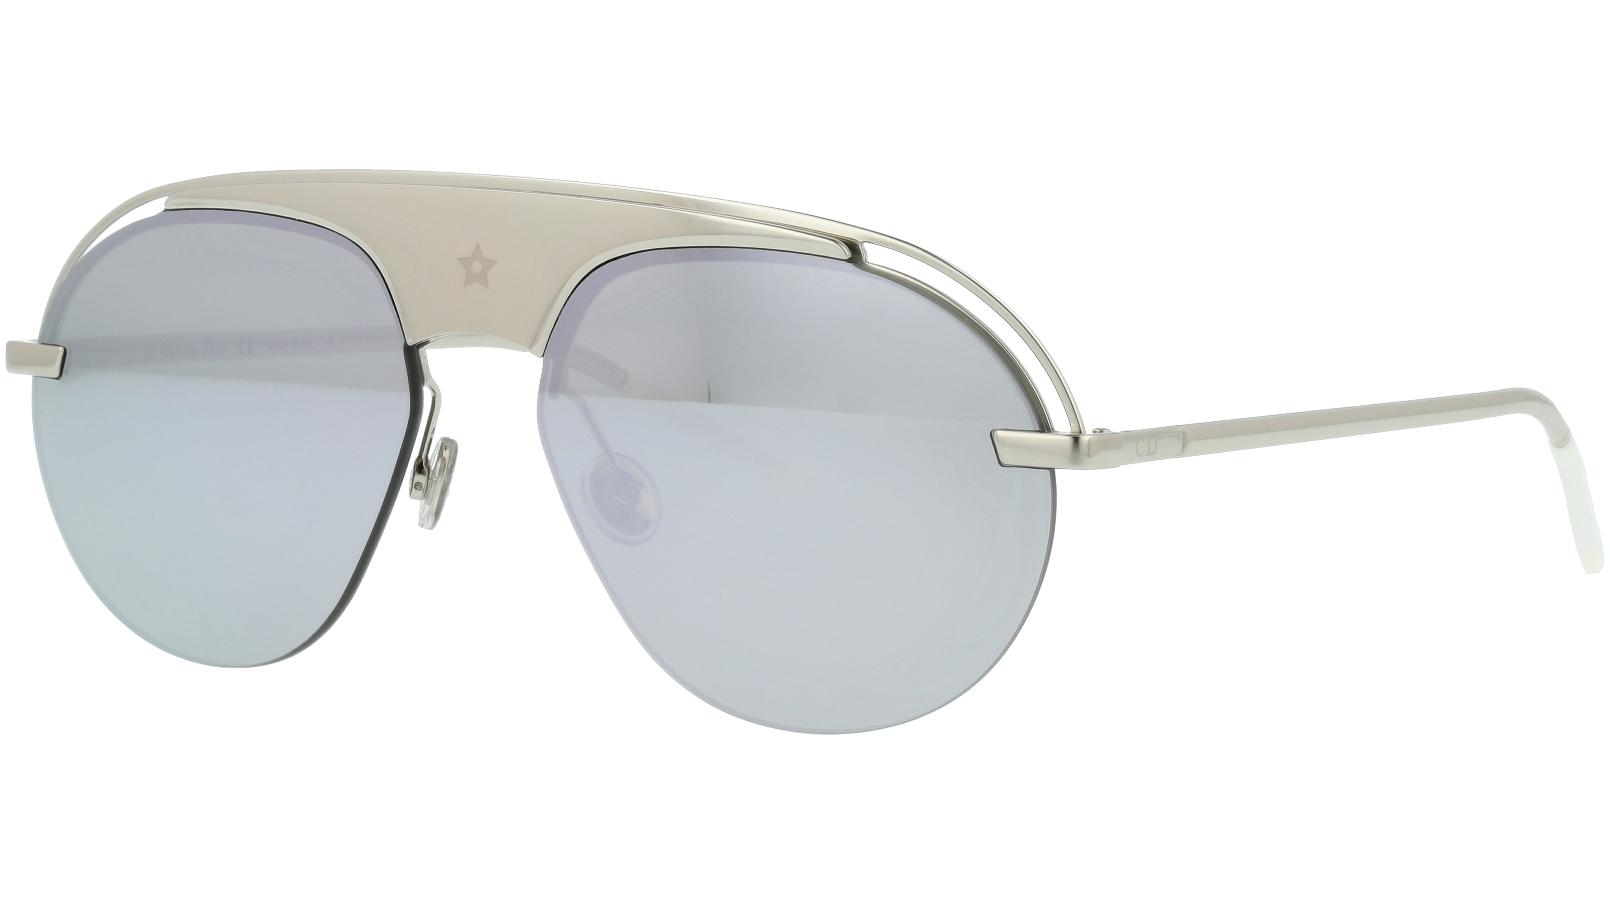 DIOR DIOREVOLUTION2 0100T 99 PALLADIUM Sunglasses